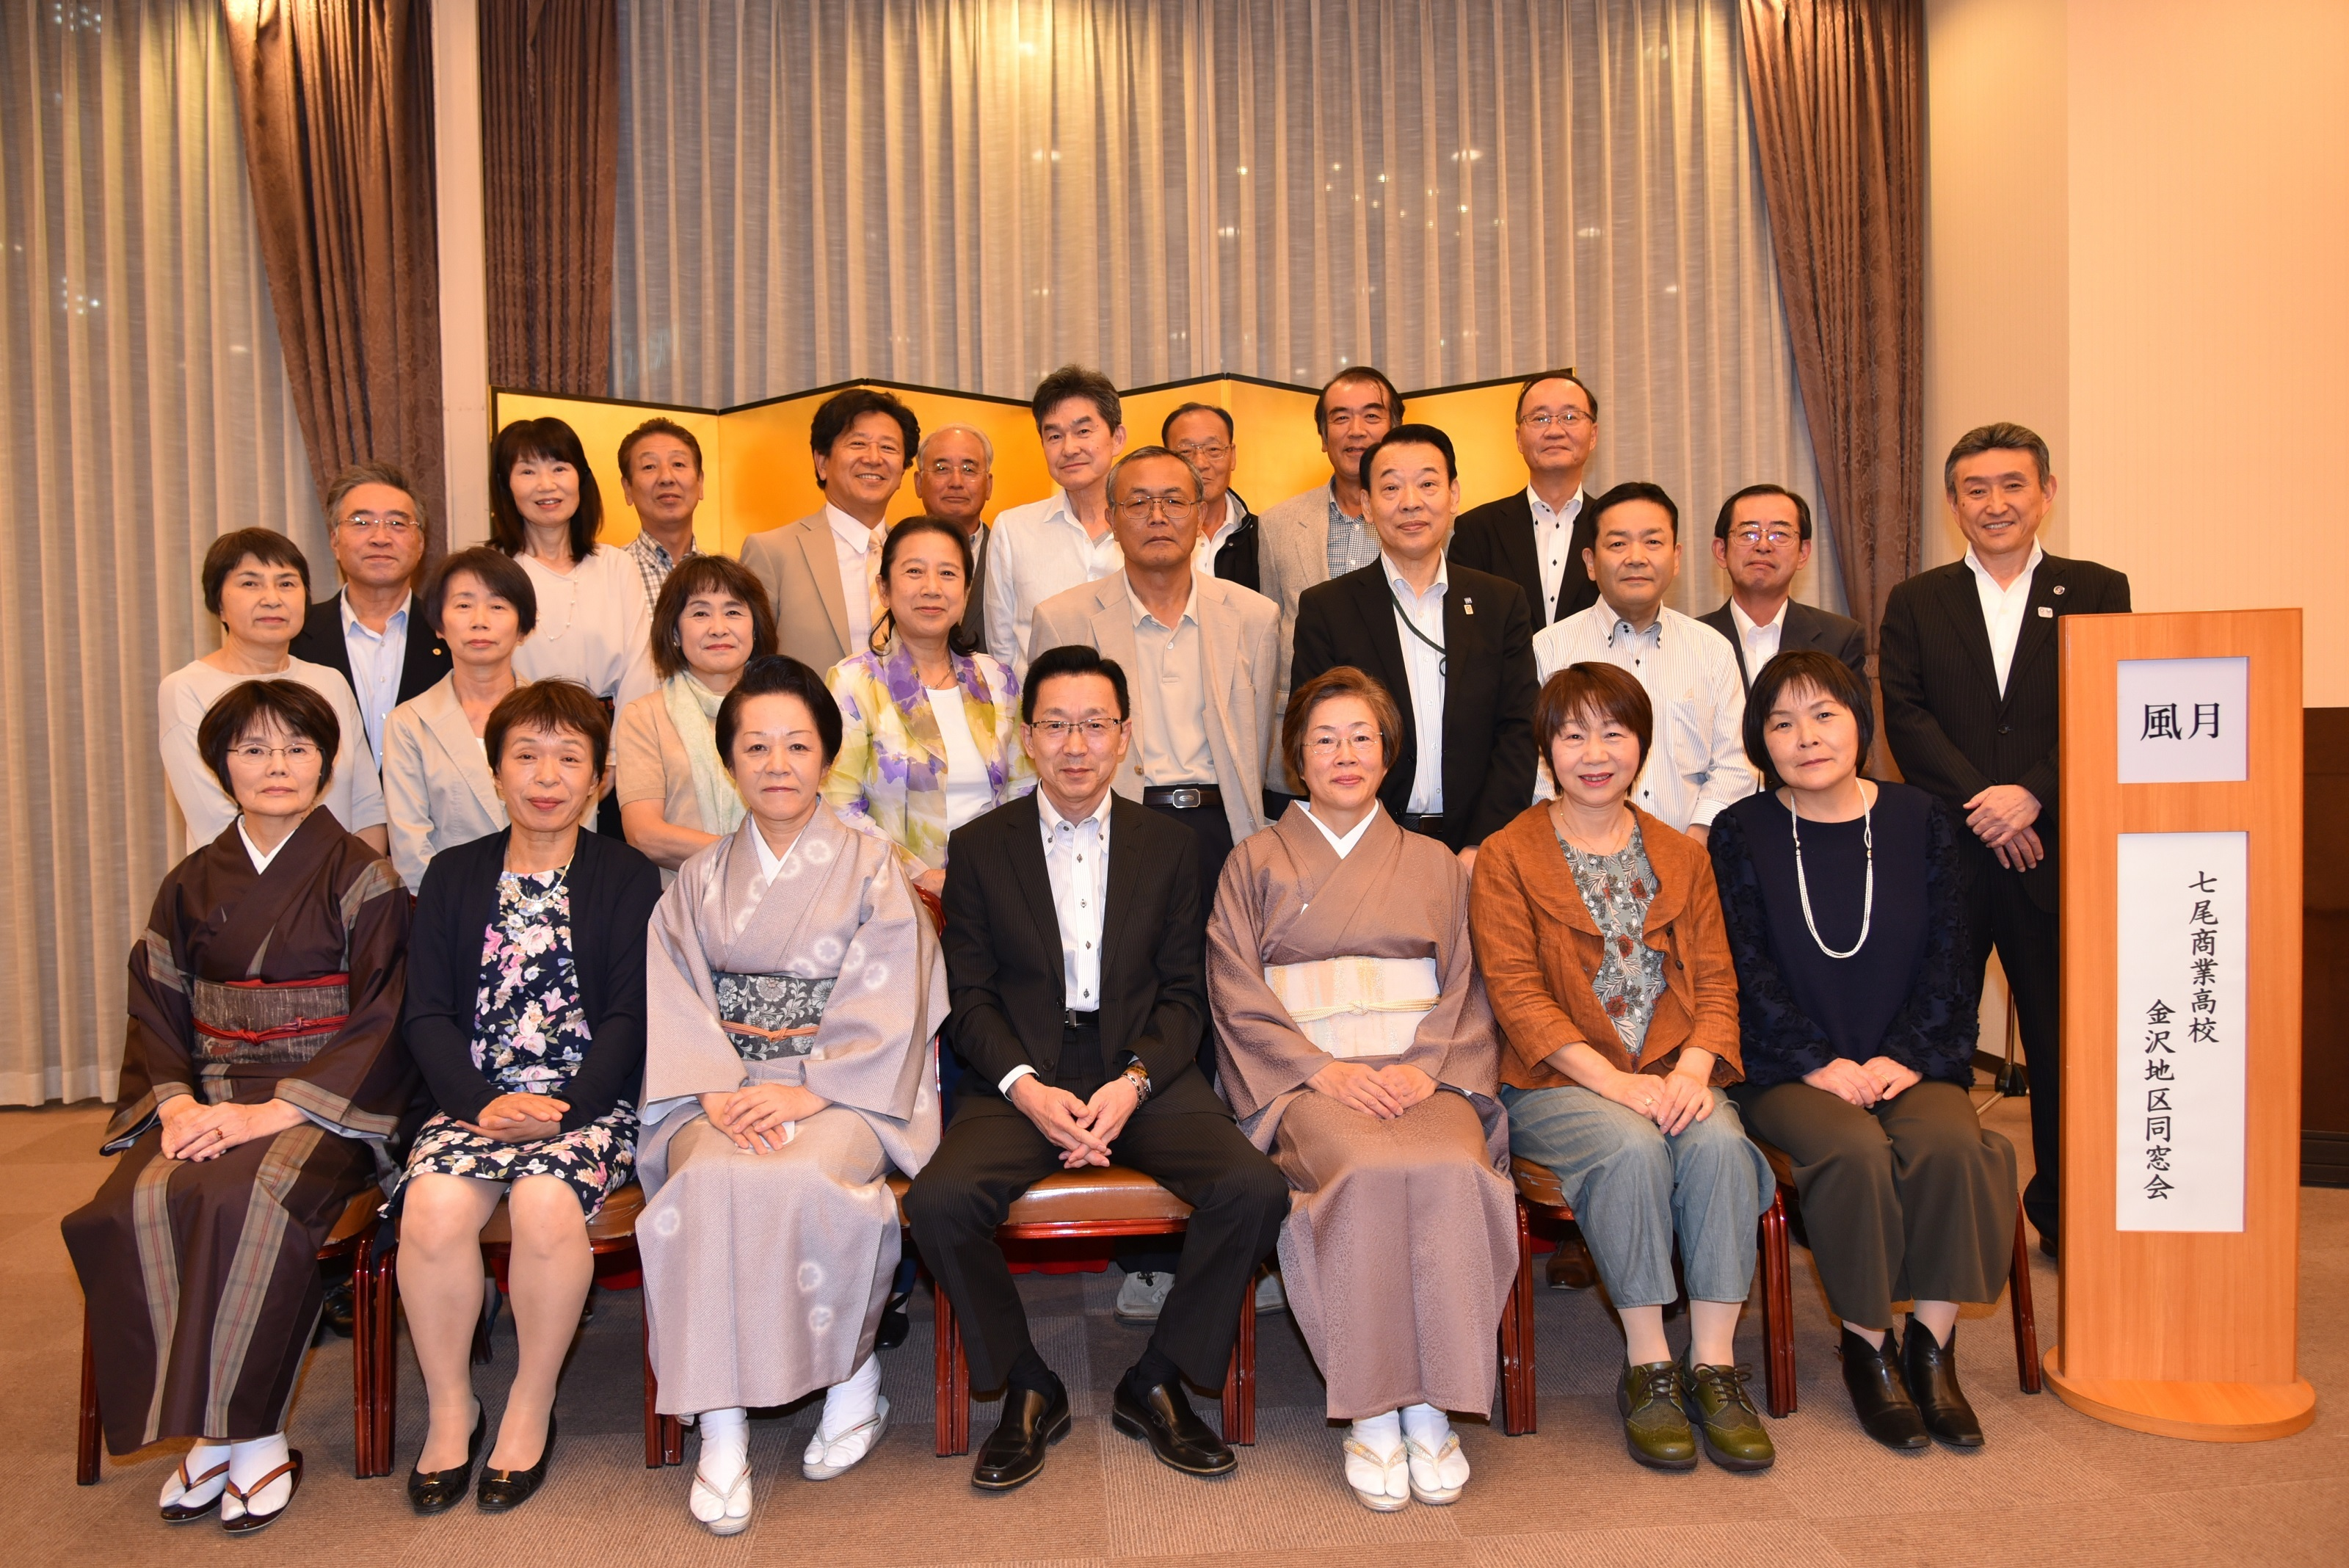 第76期七商金沢地区同窓会